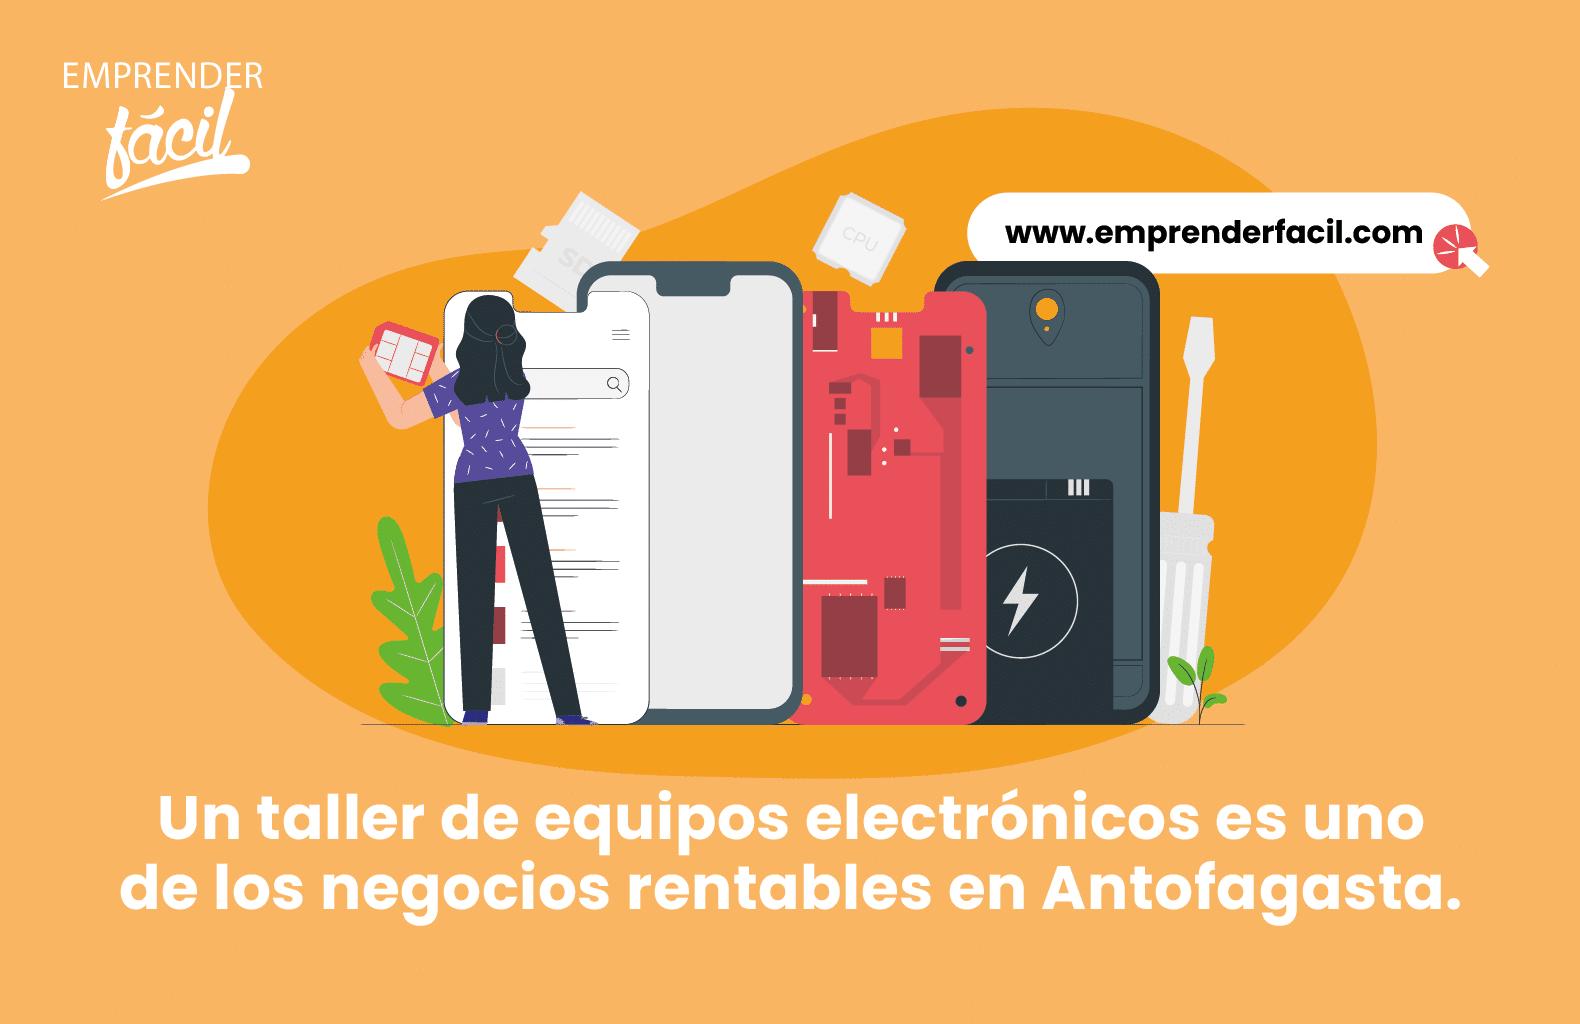 Un taller de equipos electrónicos es uno de los negocios rentables en Antofagasta.